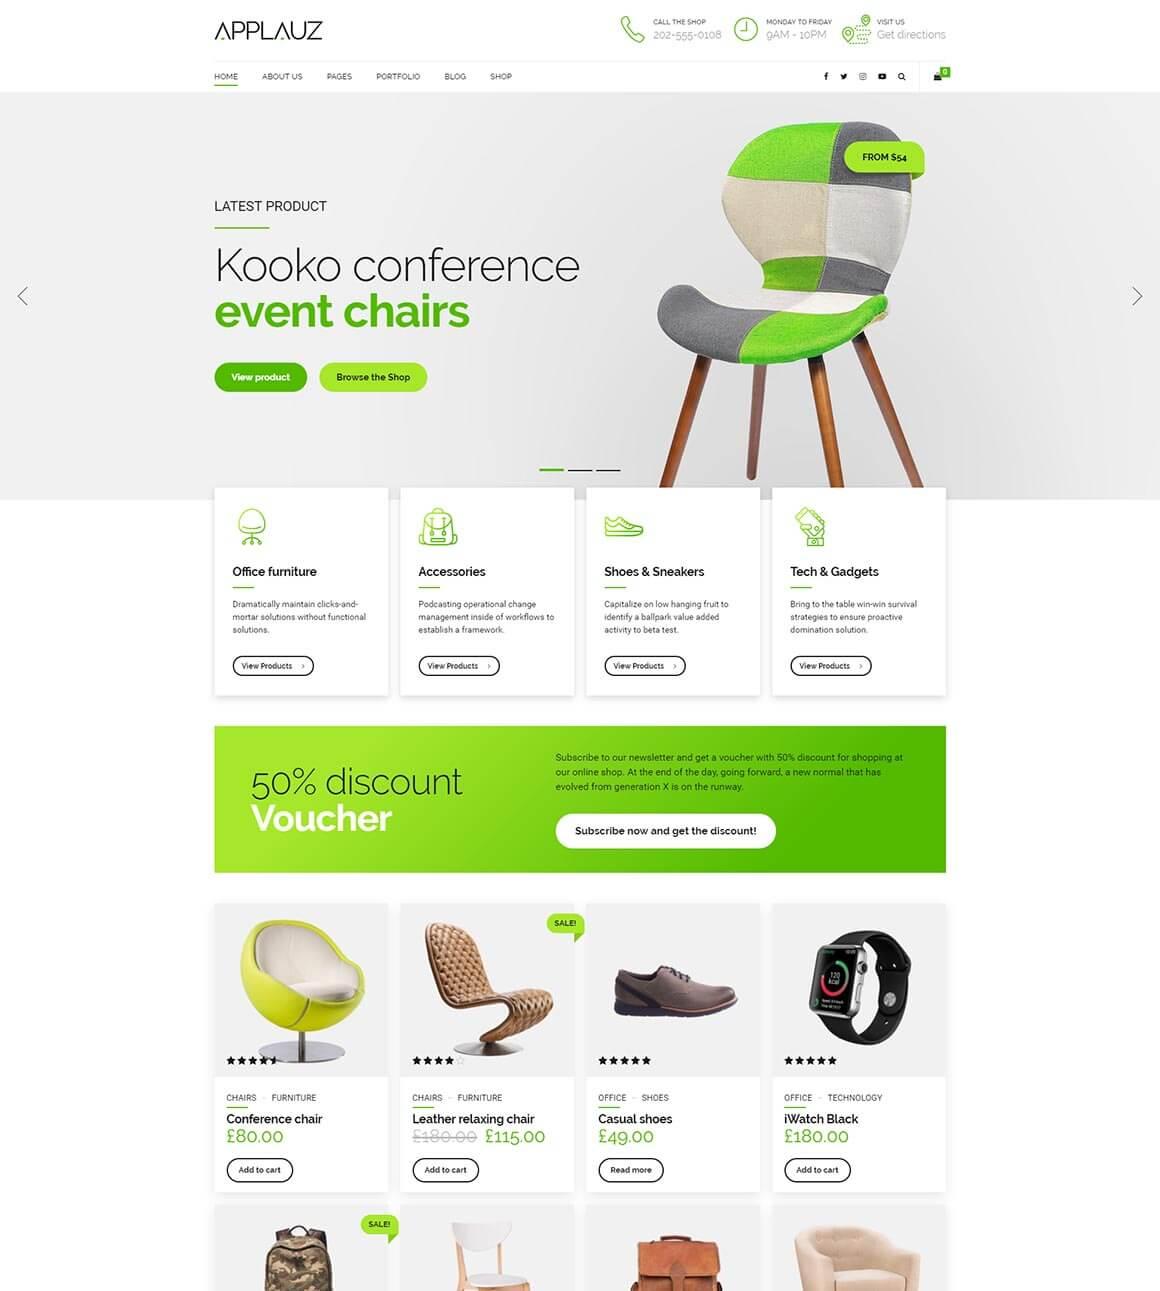 https://applauz.bold-themes.com/wp-content/uploads/2018/02/Screenshot-Shop.jpg